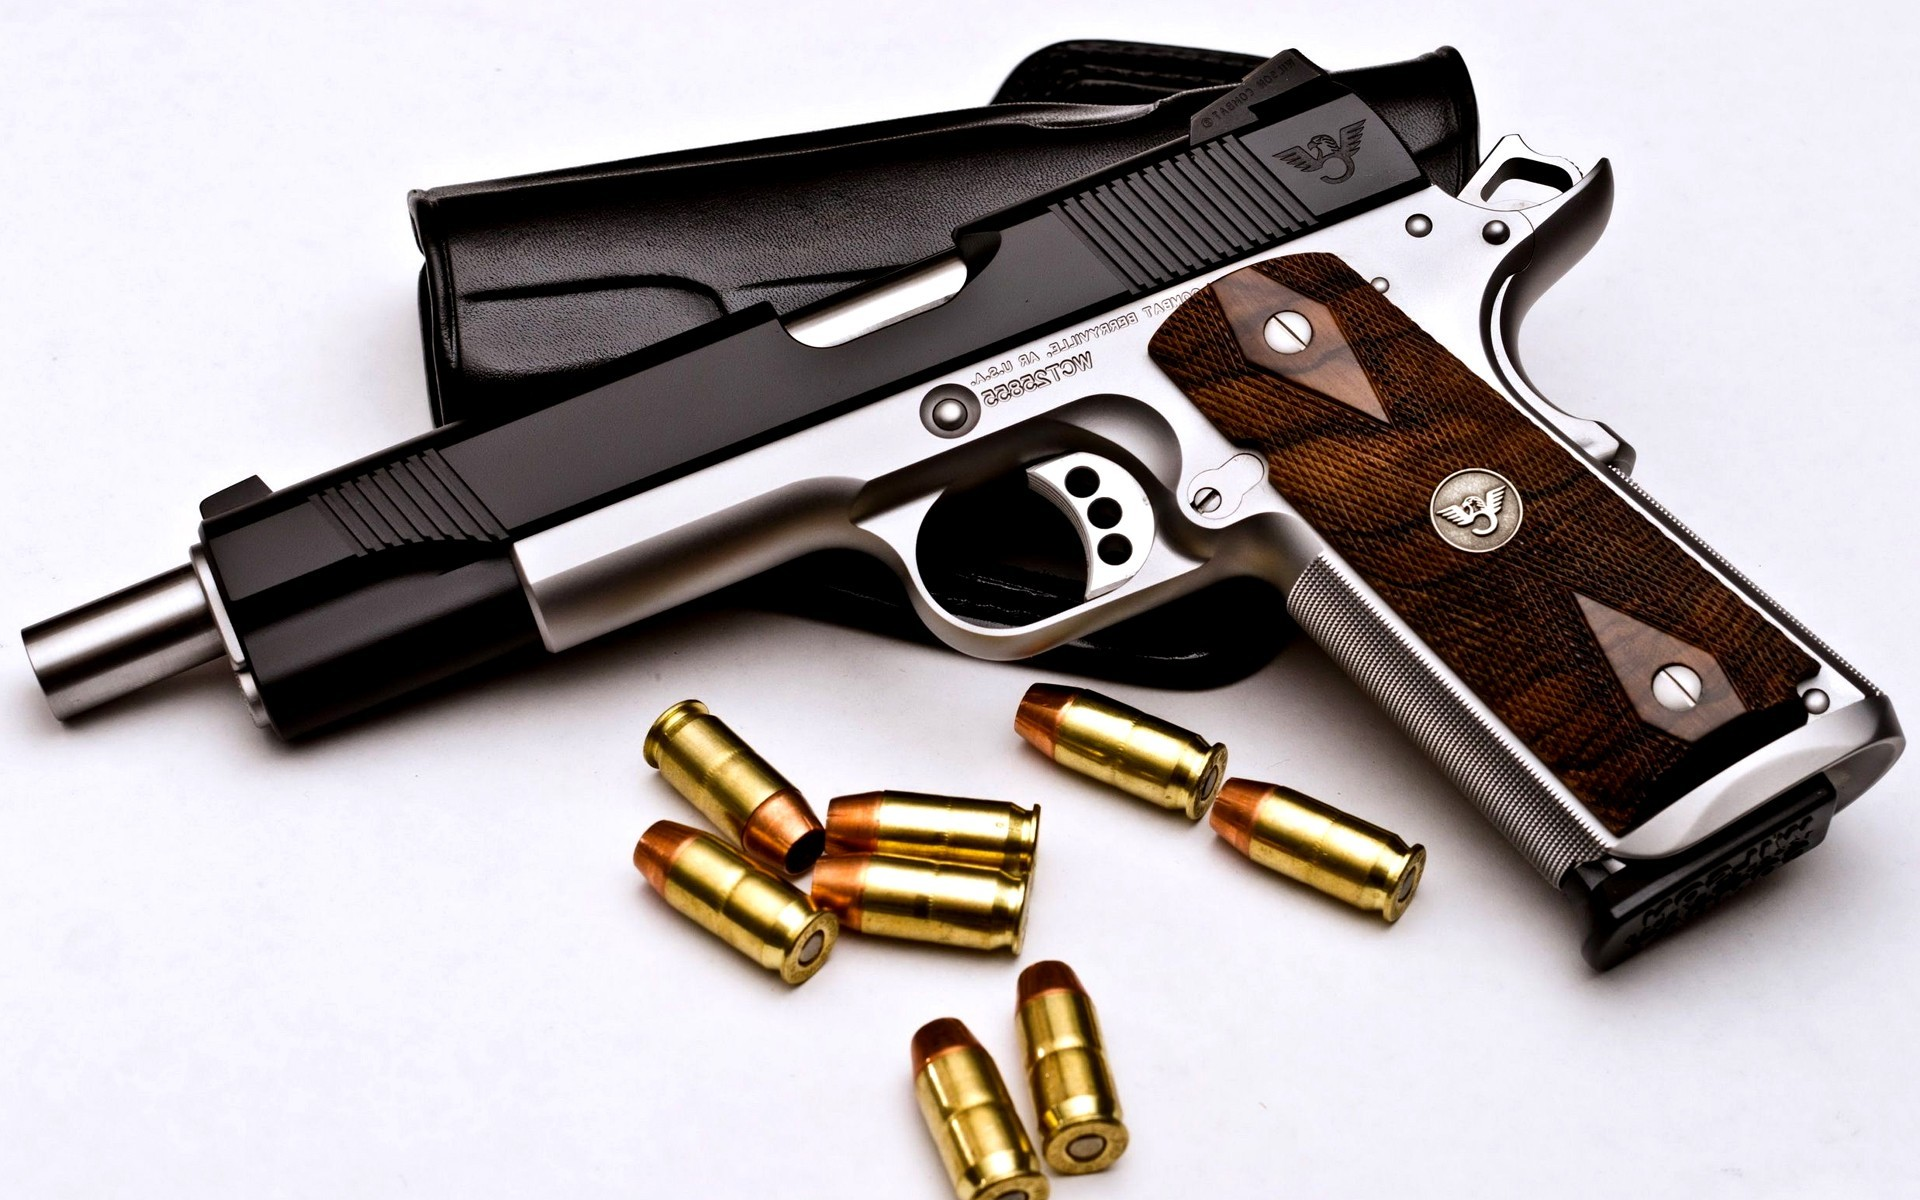 3d guns wallpaper 61 images